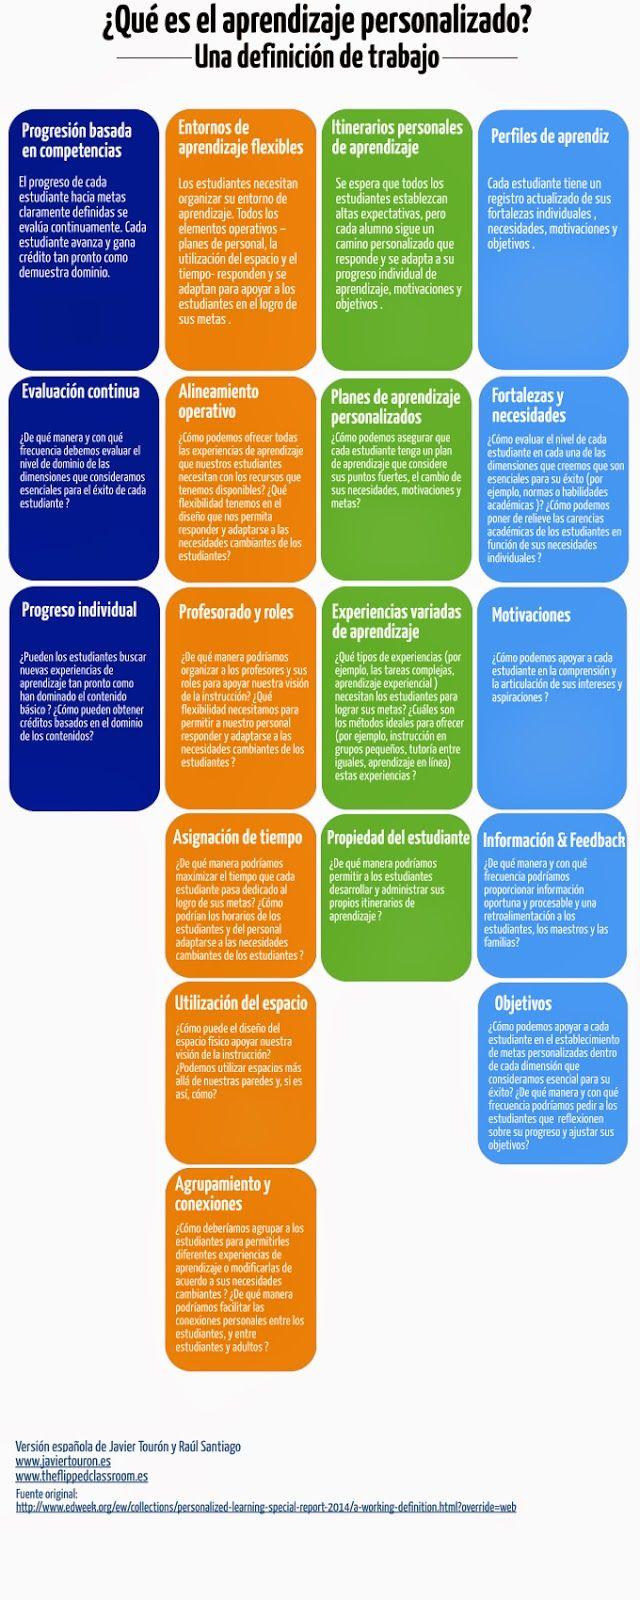 Una buen definición de trabajo para  hacer propuestas educativas capaces de responder a cada alumno-a según sus necesidades